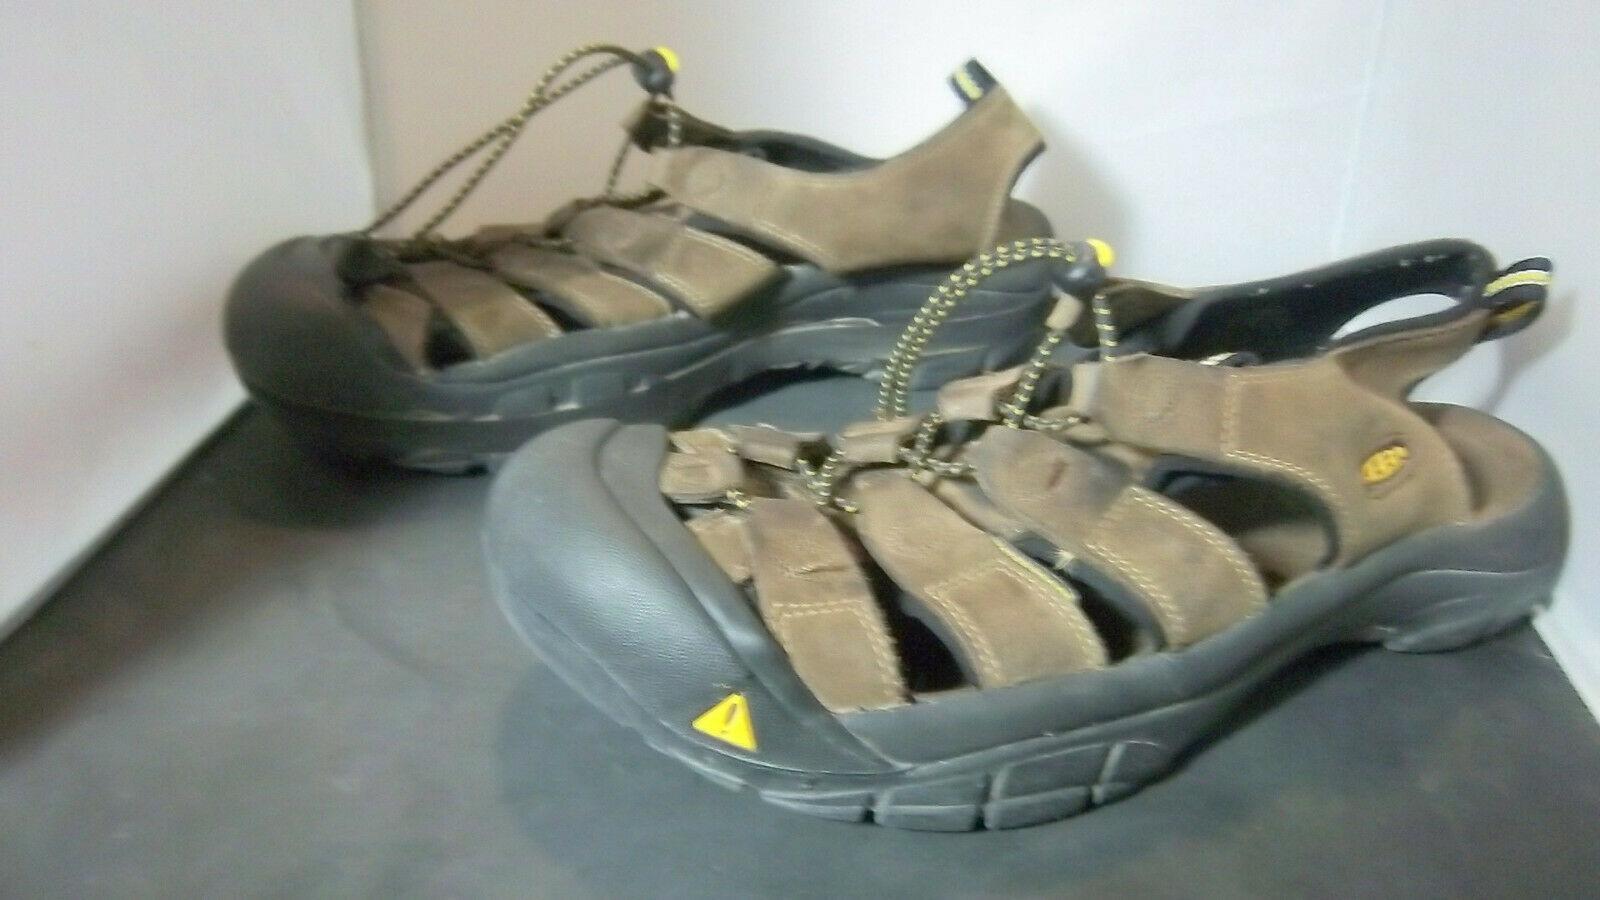 KEEN - Men's Brown Active Outdoor Sandals - SIZE 10.5